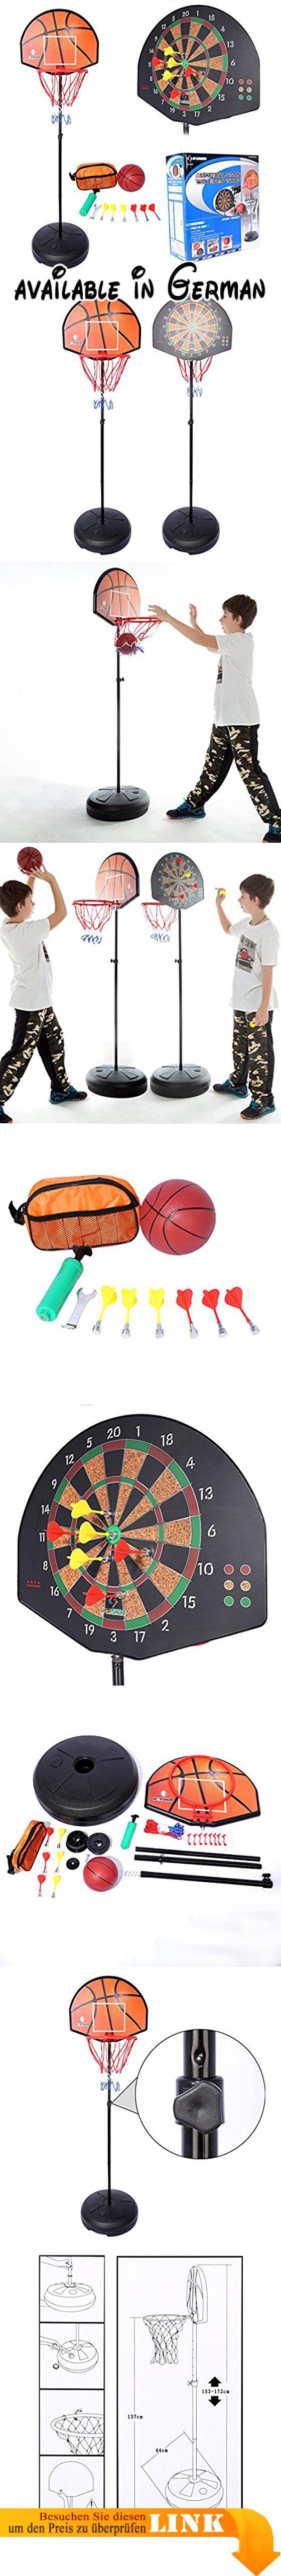 Dartboard und Basketballständer, Teckpeak Basketballkorb mit Dartboard Dartscheibe Basketballanlage Korbanlage Höhenverstellbar. Material: Kunststoff + Metall,. Größe: Basketballkorb-48×38×3,5 cm, Base-(Dia): 44cm, Länge von Darts: 8.2cm, Basketball (Dia): 12.5cm. Dual-Zweck für Basketball und Darts Schießen, interessanter.. Einstellbare Höhe: 153-172cm--Geeignet für Kinder über 6-Jährige.. Bottom Basis muss hinzugefügt werden Sand und Wasser, um sein Gewicht